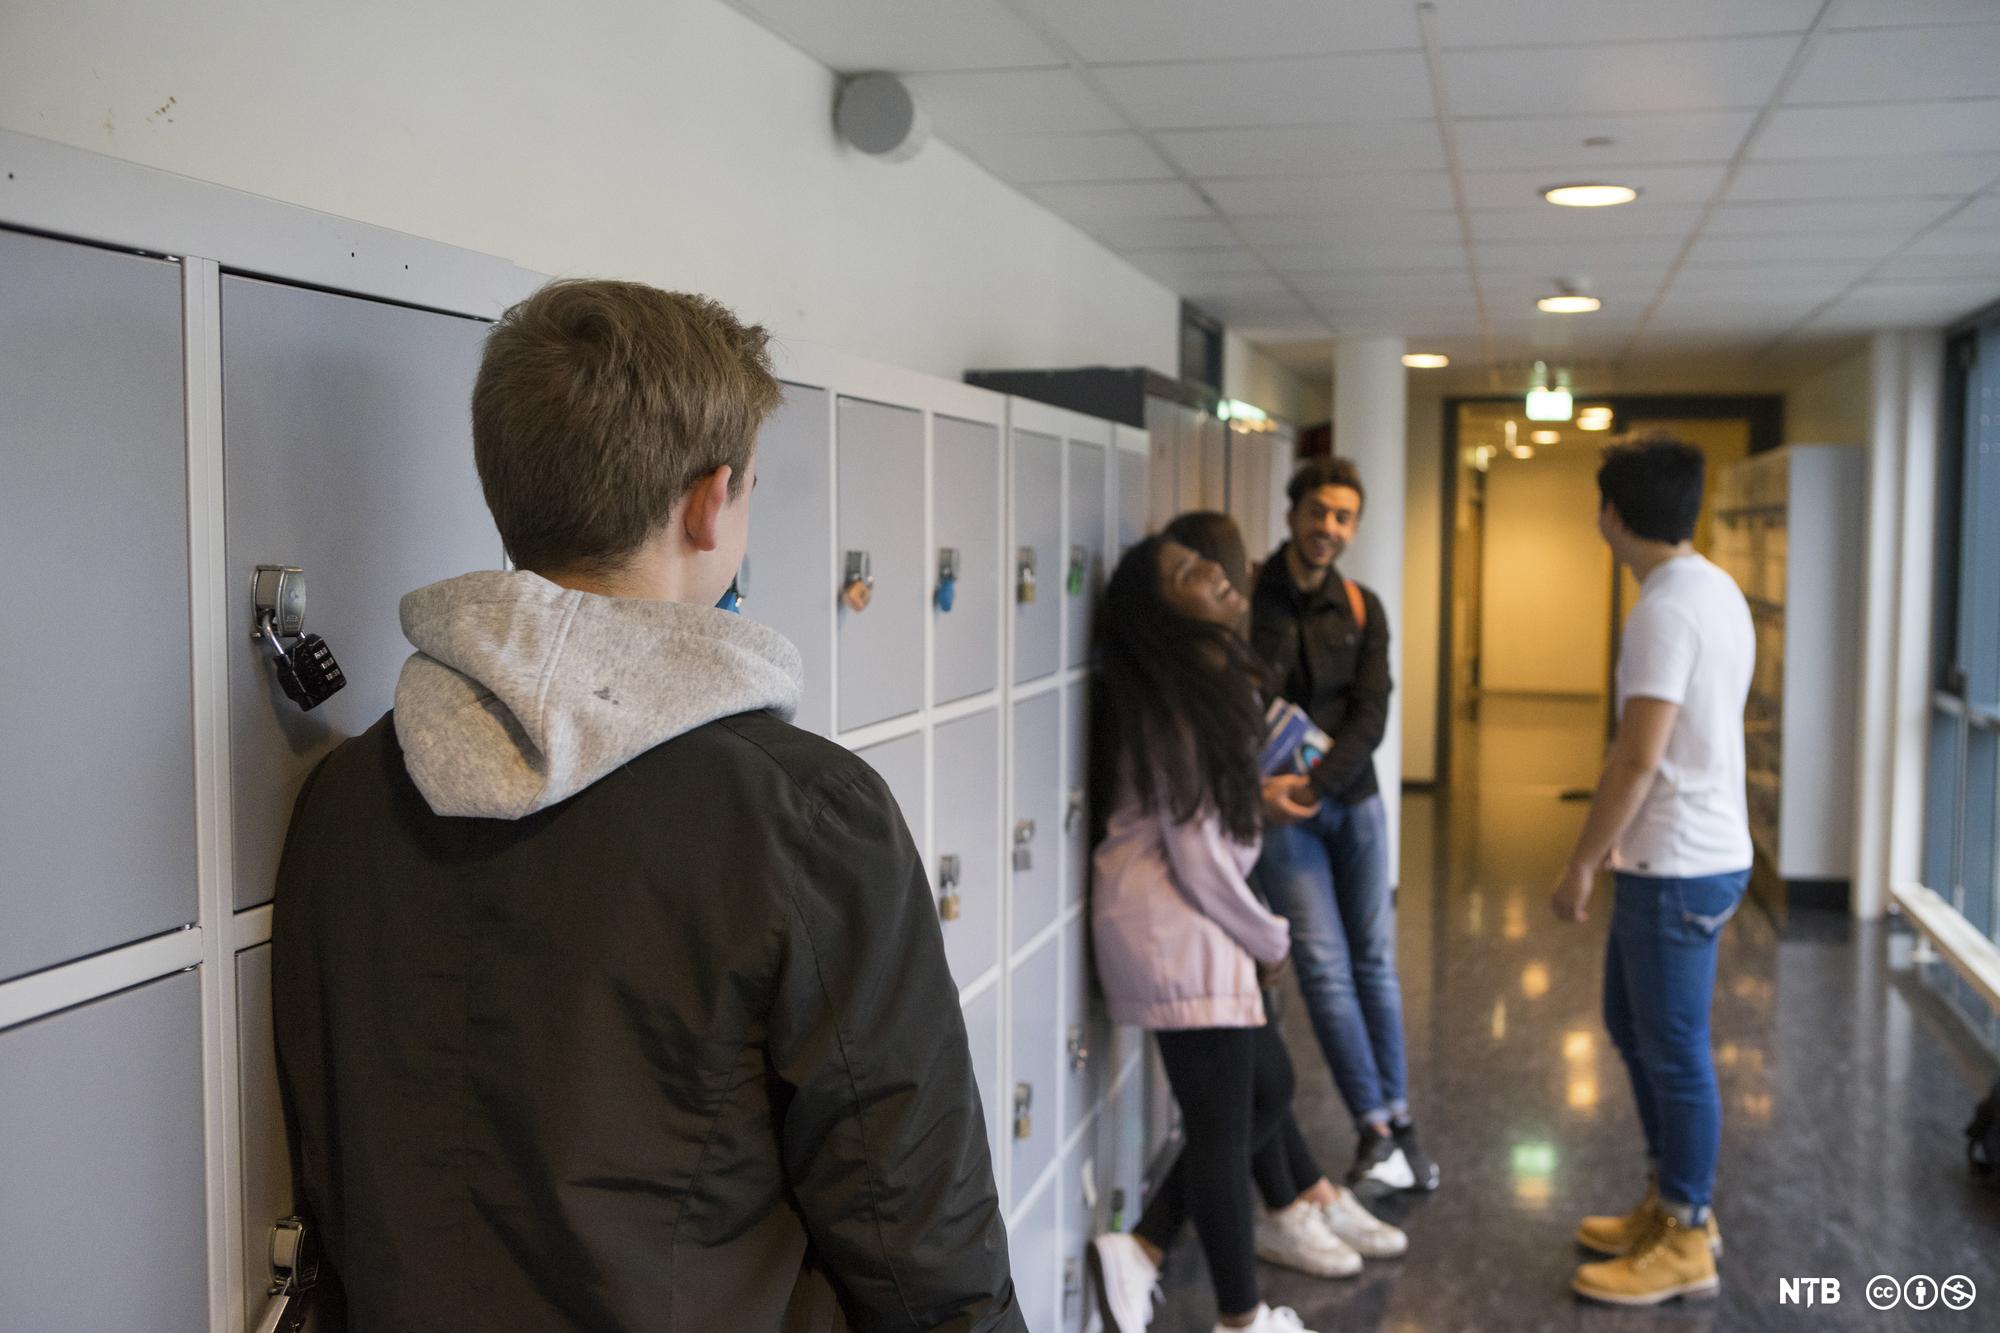 Ein elev lener seg mot eit bokskap og ser bort på fire andre ungdommar som står litt lenger borte og snakkar og ler. Foto.